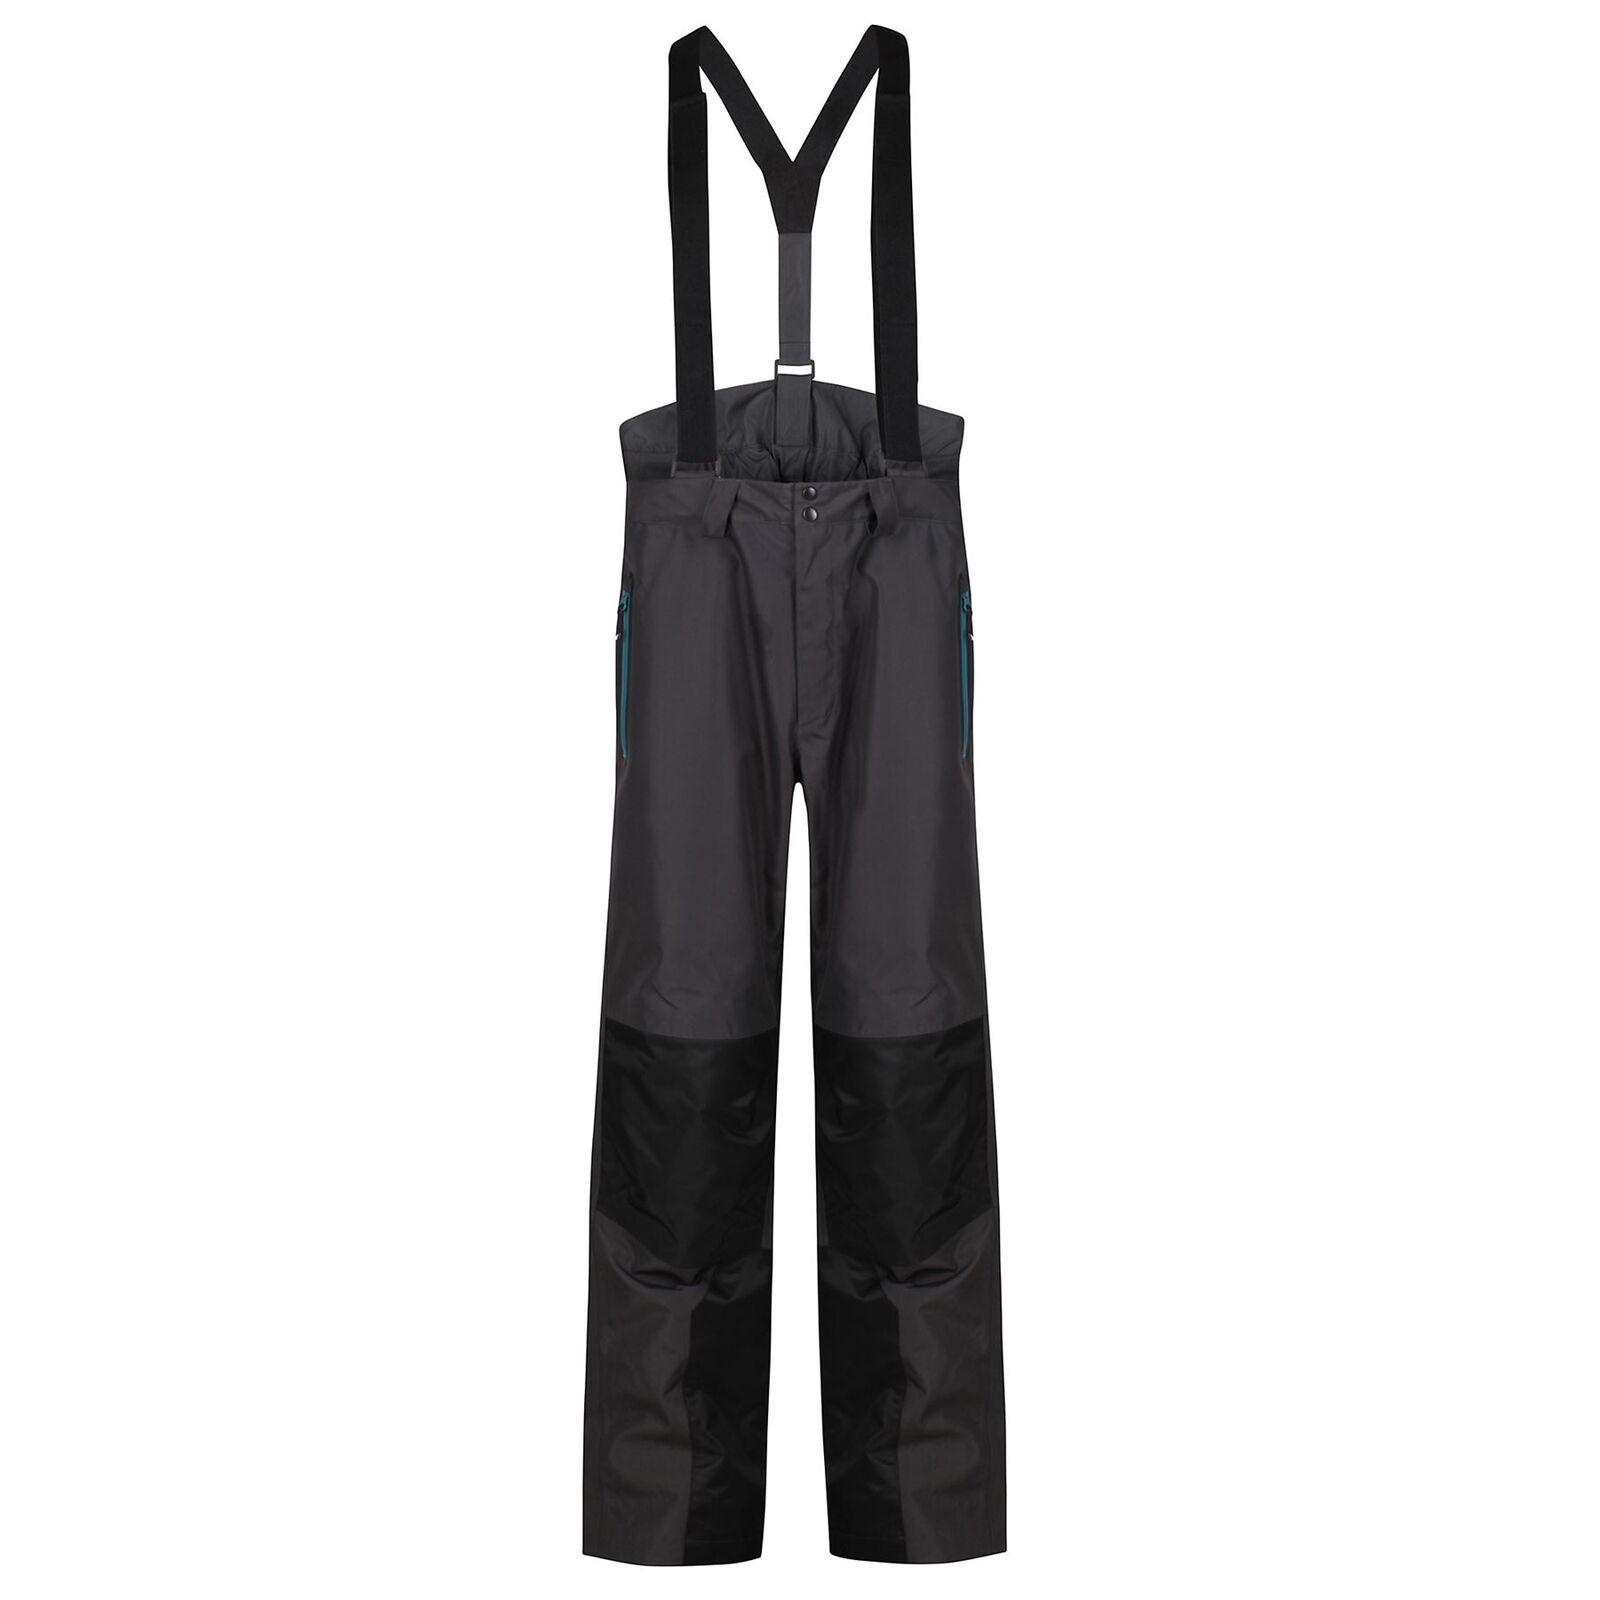 griss Surpantalon   Tous Temps Vêtements de Pêche